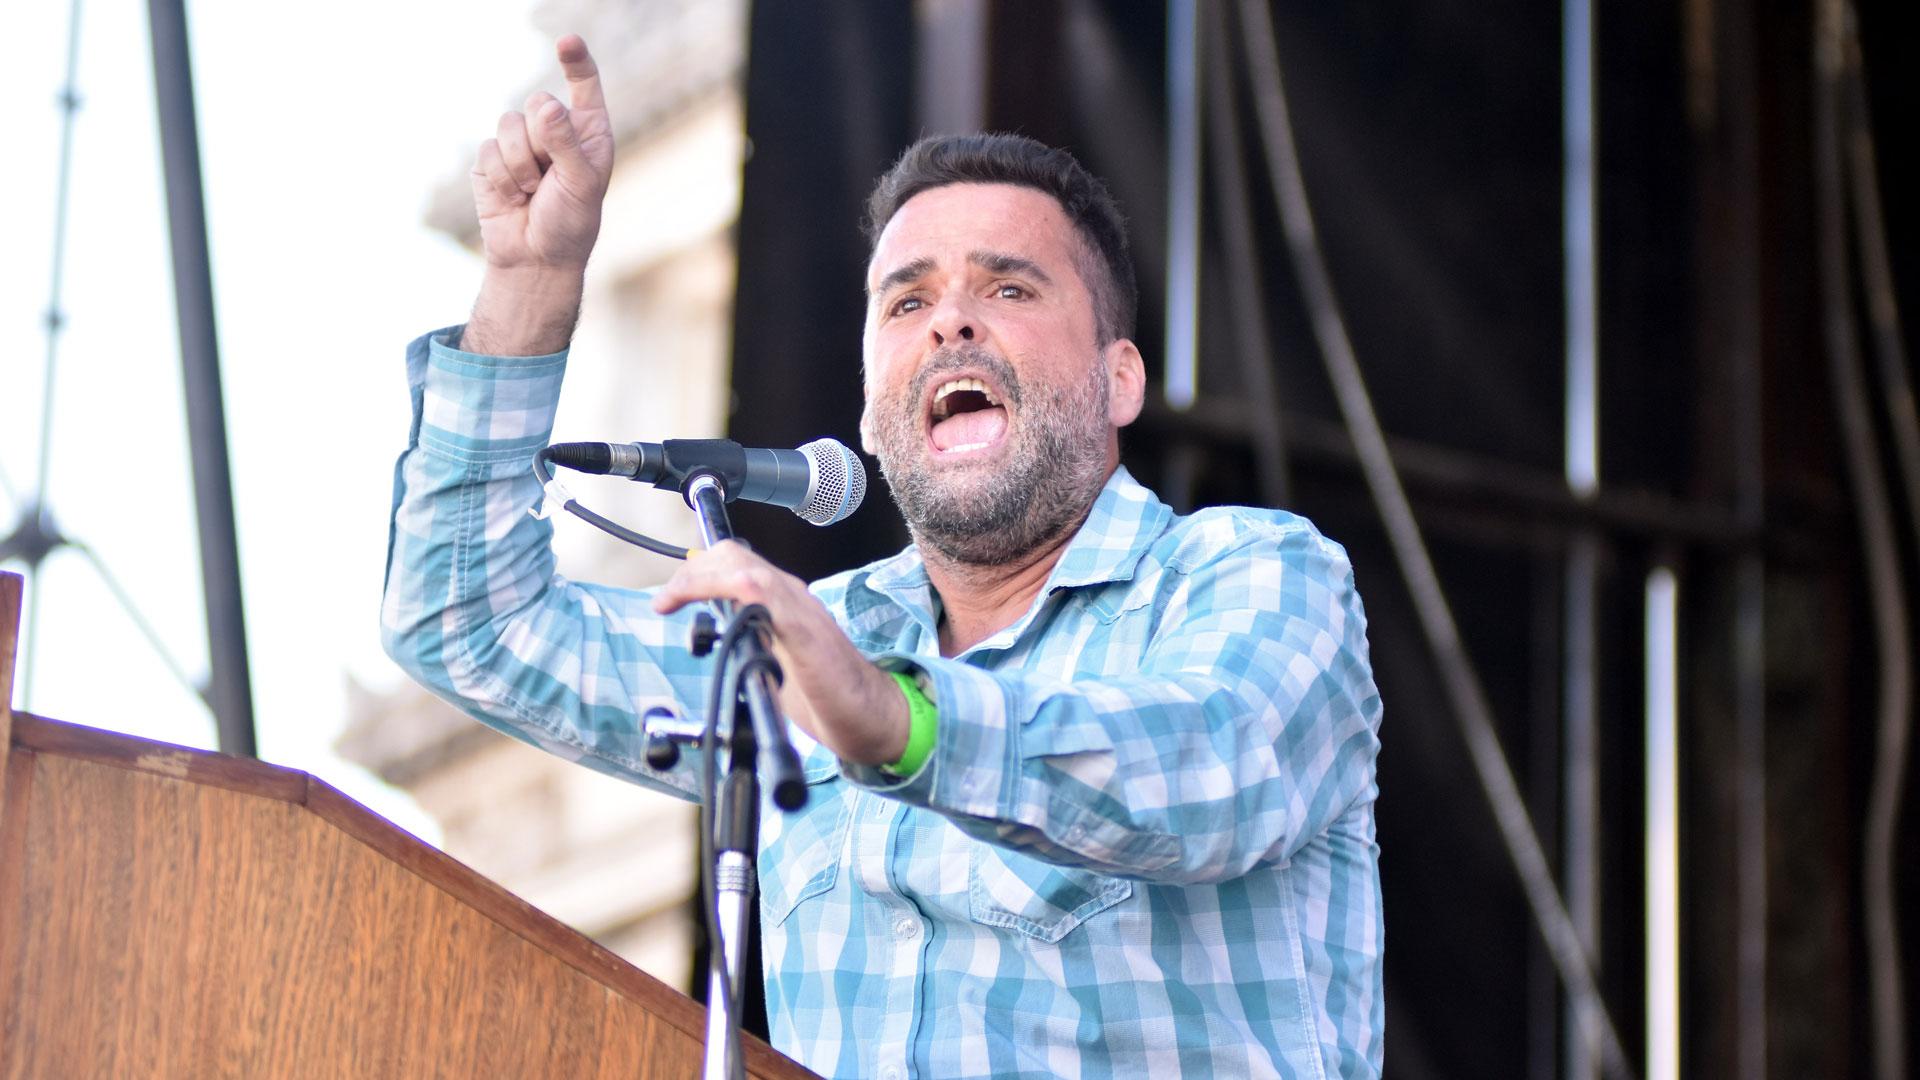 Tanto la CGT como las organizaciones sociales endurecieron su discurso crítico contra la administración de Mauricio Macri